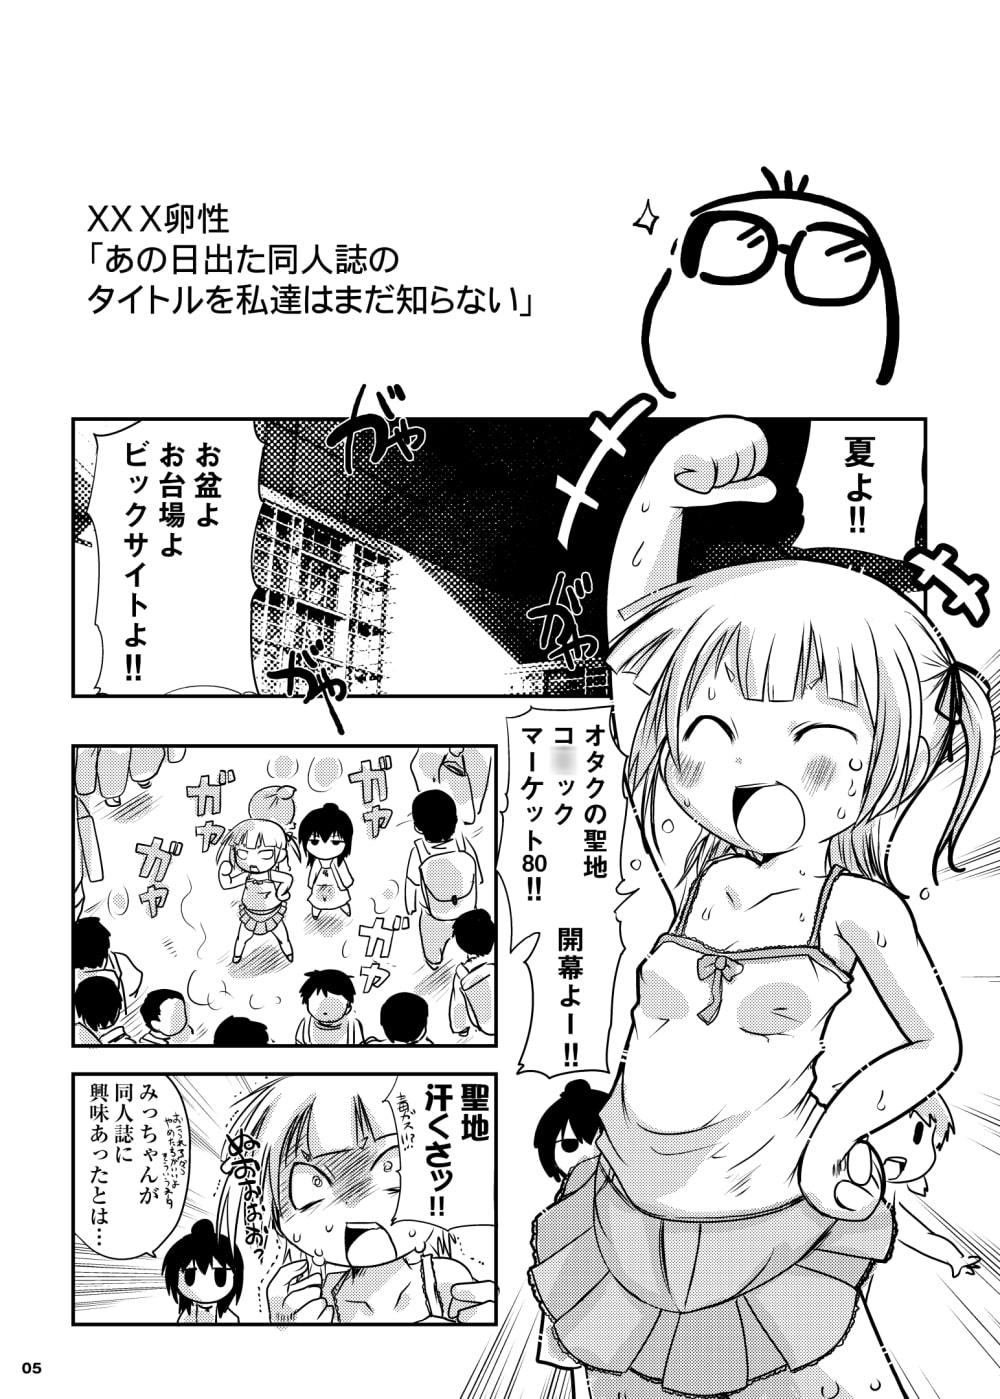 RJ341916 水滴屋み○どもえ同人誌コンプリートアーカイブ [20210902]